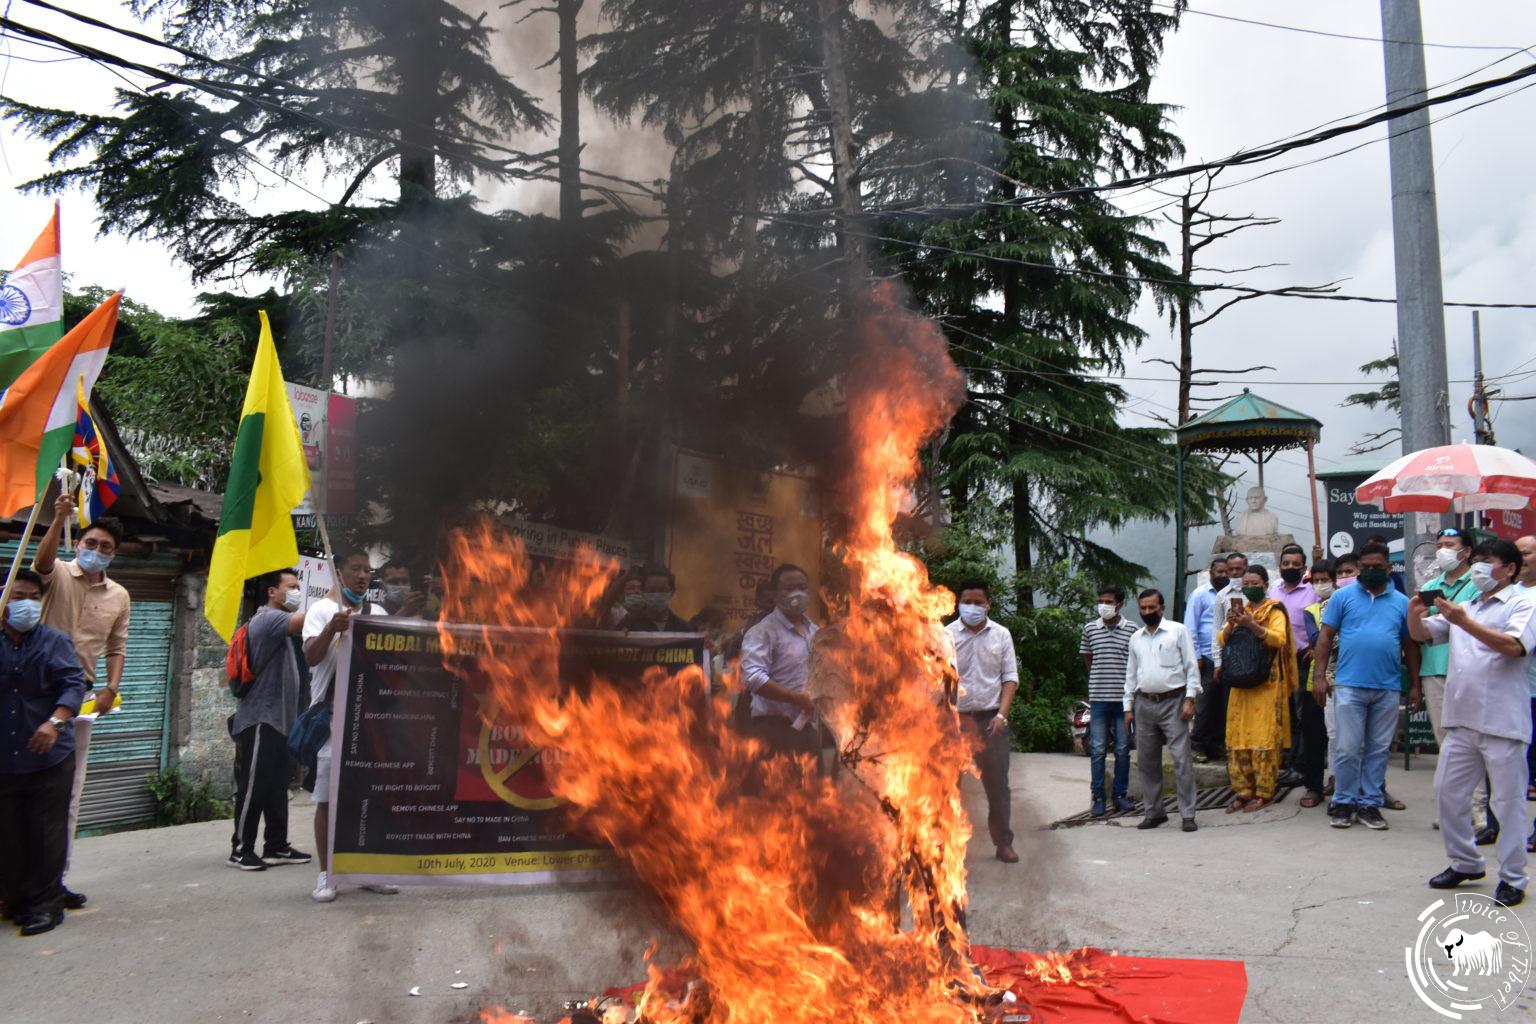 """西藏青年会展开""""抵制中国商品运动"""" 并焚烧习近平人型看板"""